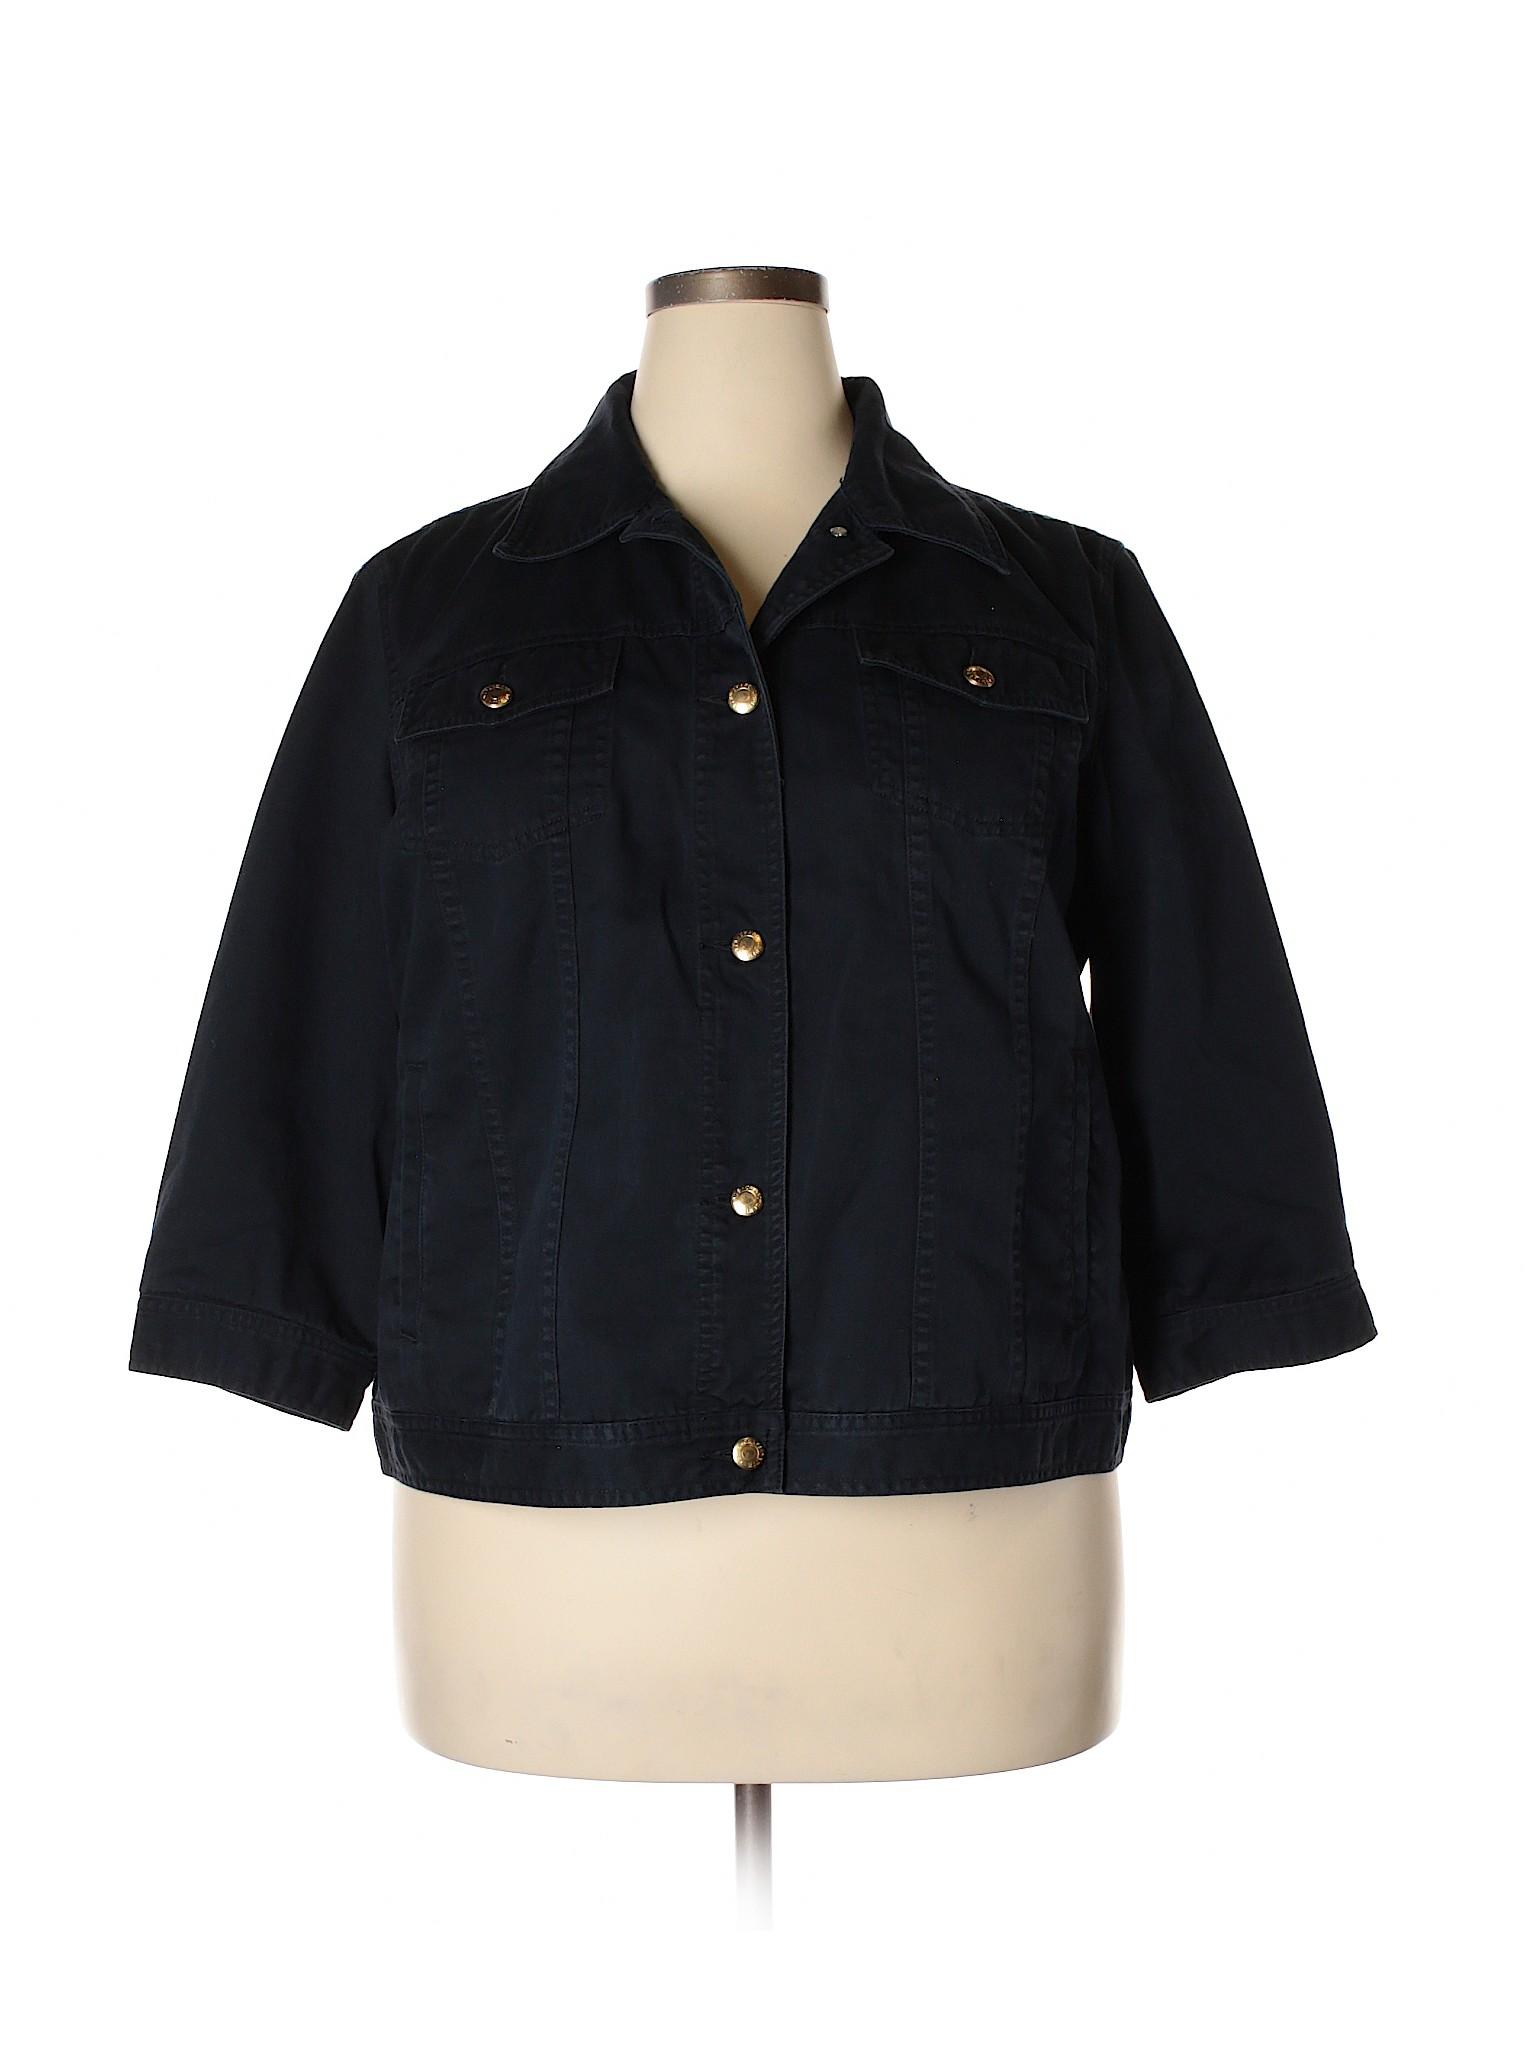 Jacket leisure Boutique Chaps Jacket leisure Chaps Denim leisure Boutique Denim Chaps Denim leisure Chaps Boutique Boutique Jacket rAdrqaw